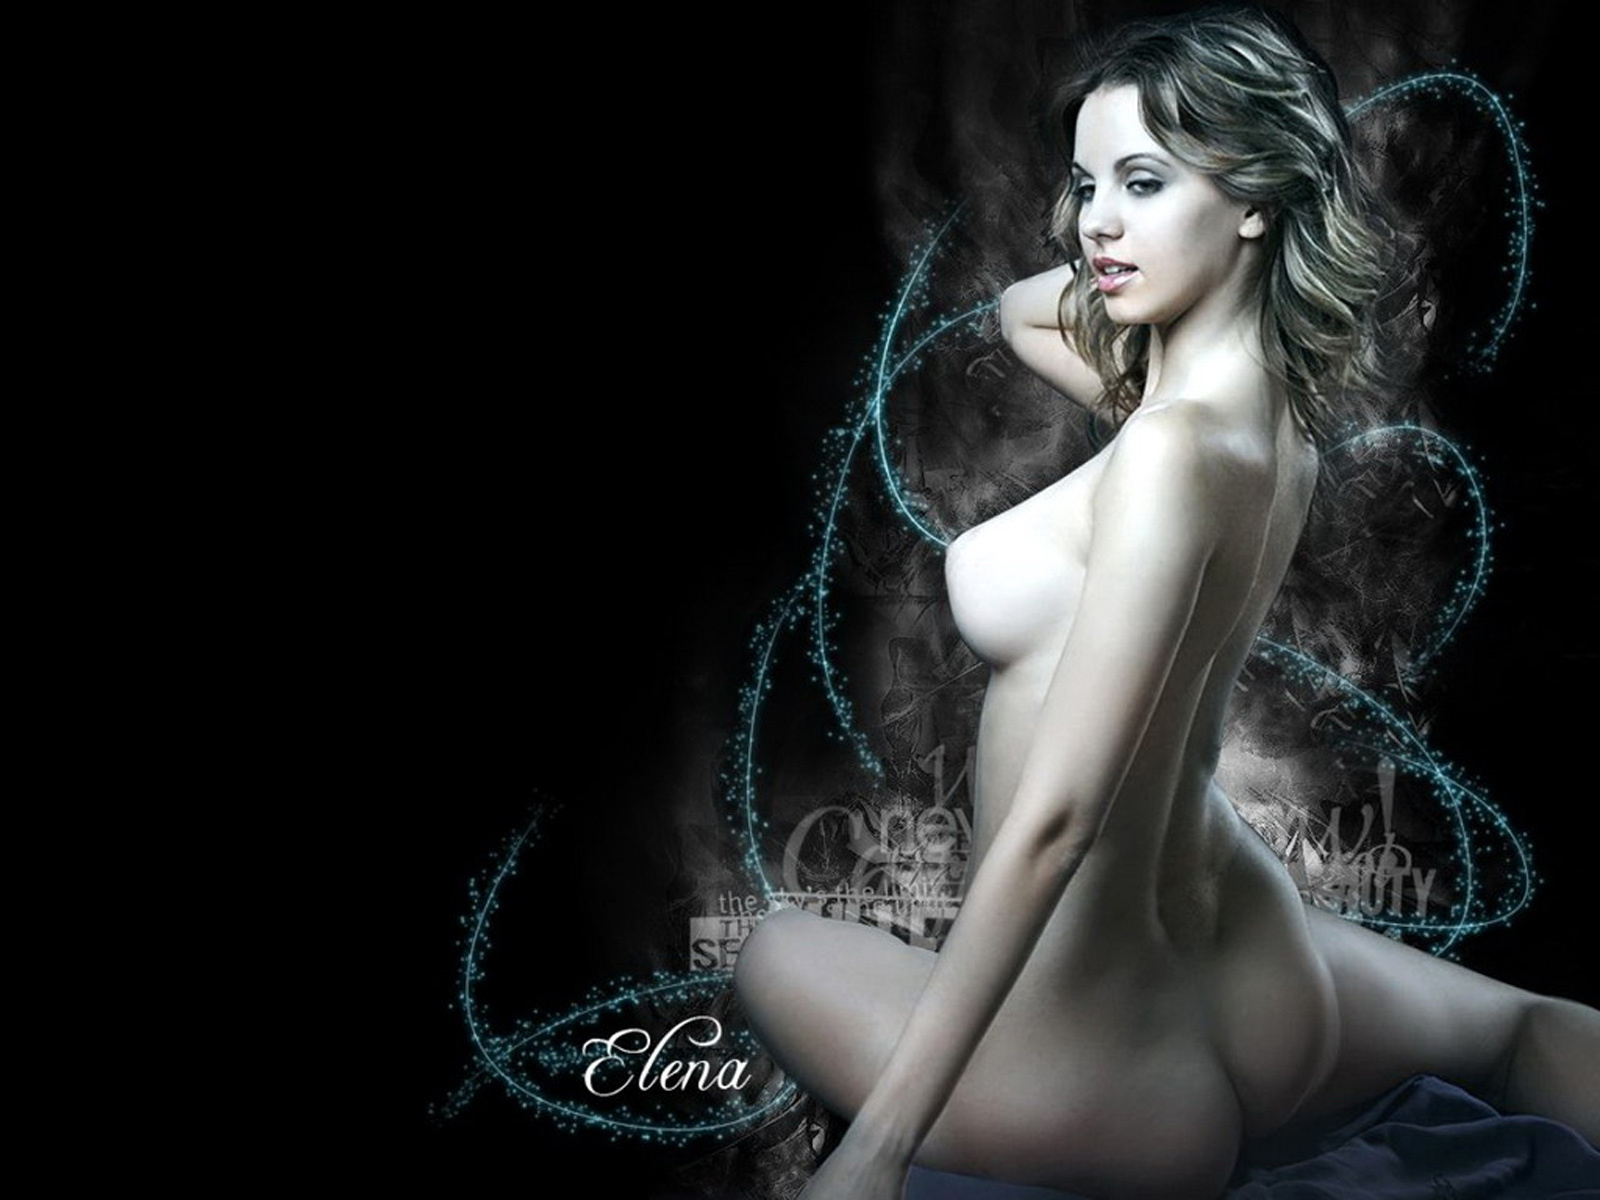 Рисованная порно эротические обои фэнтези бесплатно и без регистрации